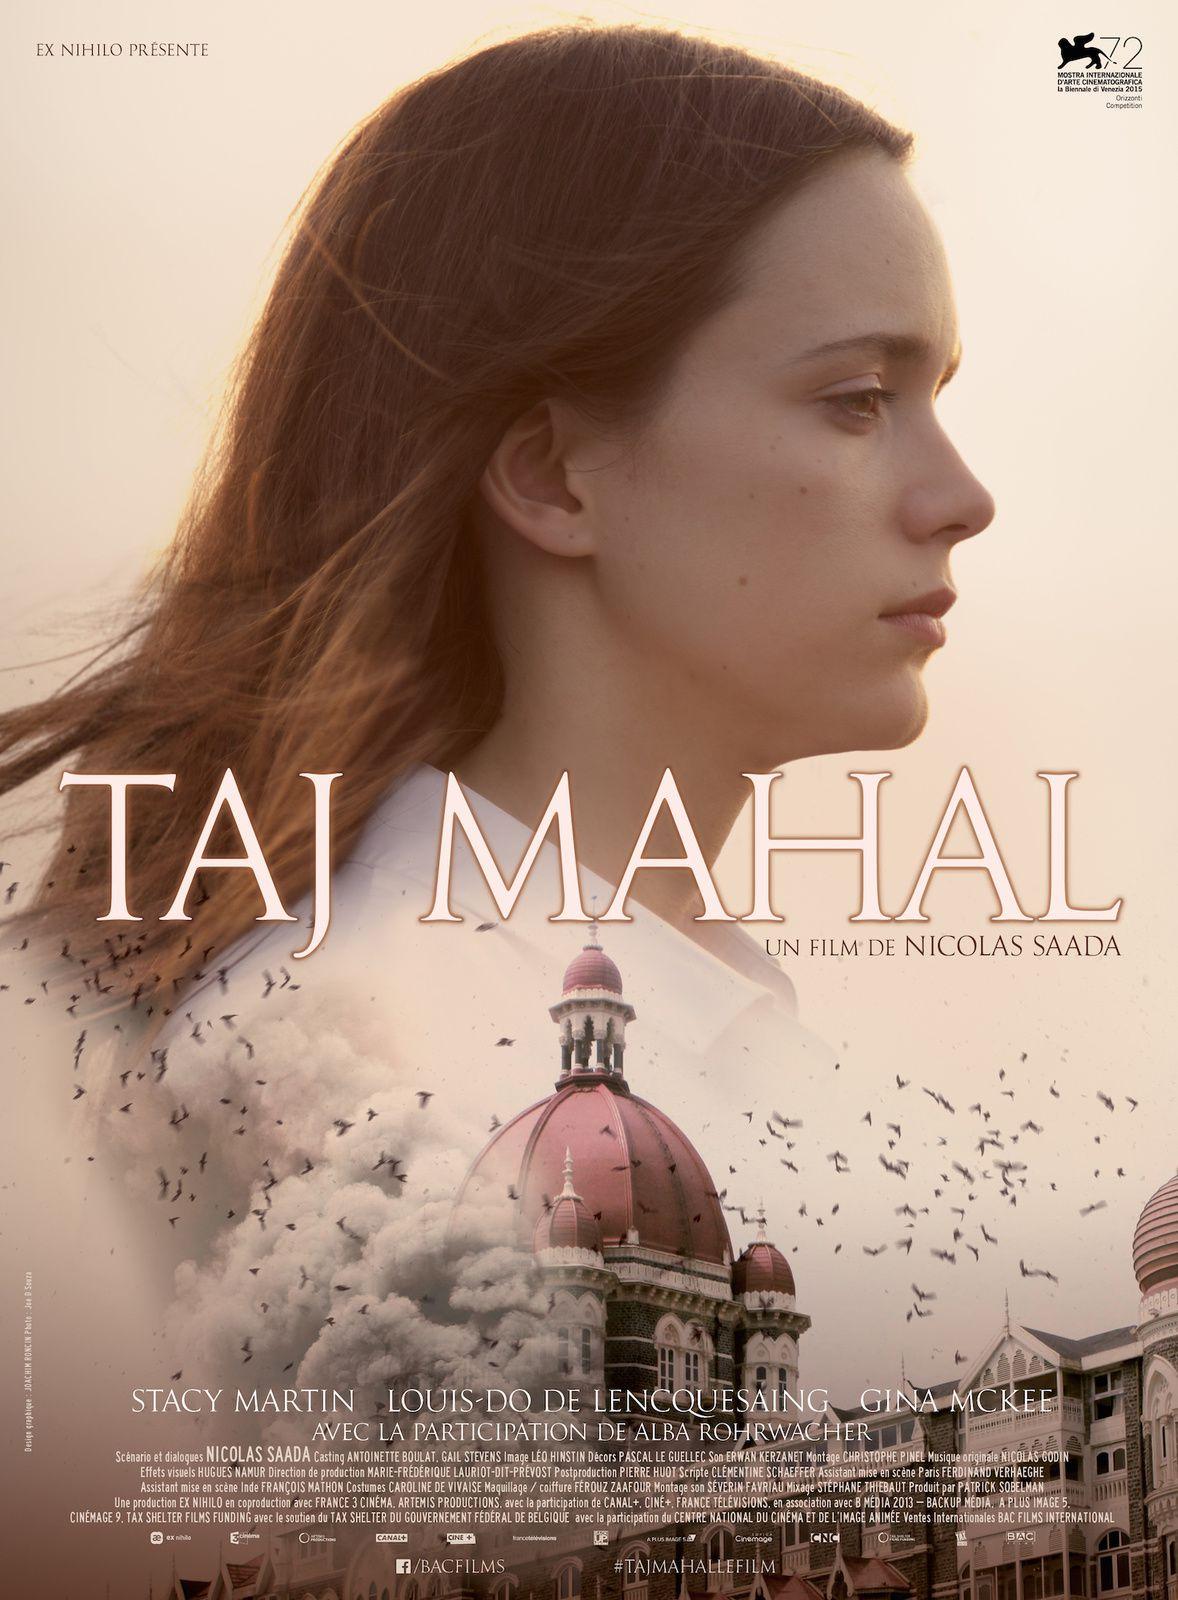 TAJ MAHAL - Découvrez trois extraits du nouveau film de Nicolas Saada - Le 2 décembre 2015 au cinéma !